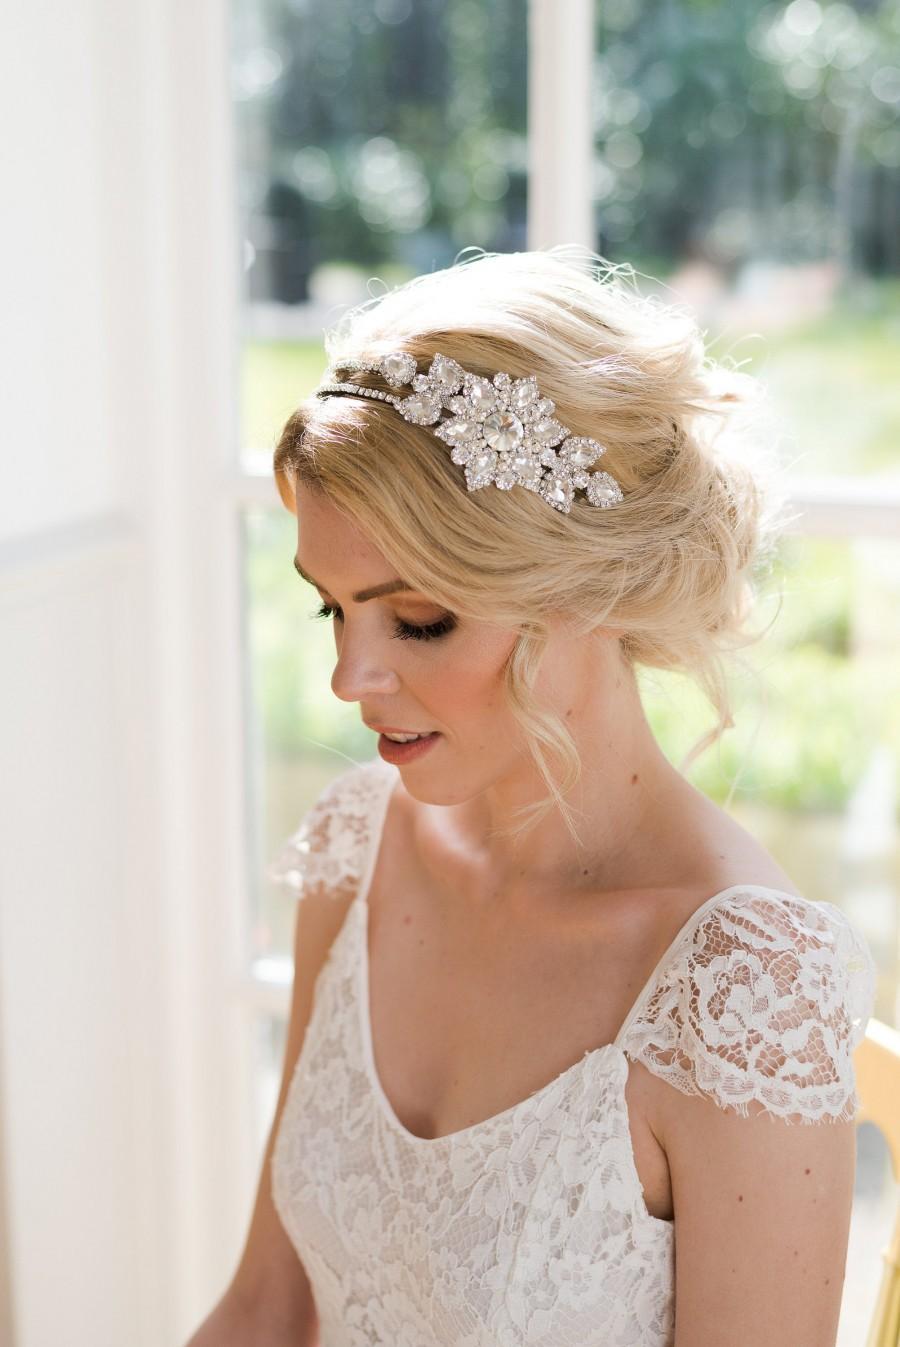 Wedding - Gatsby bridal headpiece, 1920s wedding hair accessory, 1920s bridal headpiece, Gatsby wedding hair accessory, 1920s wedding headpiece